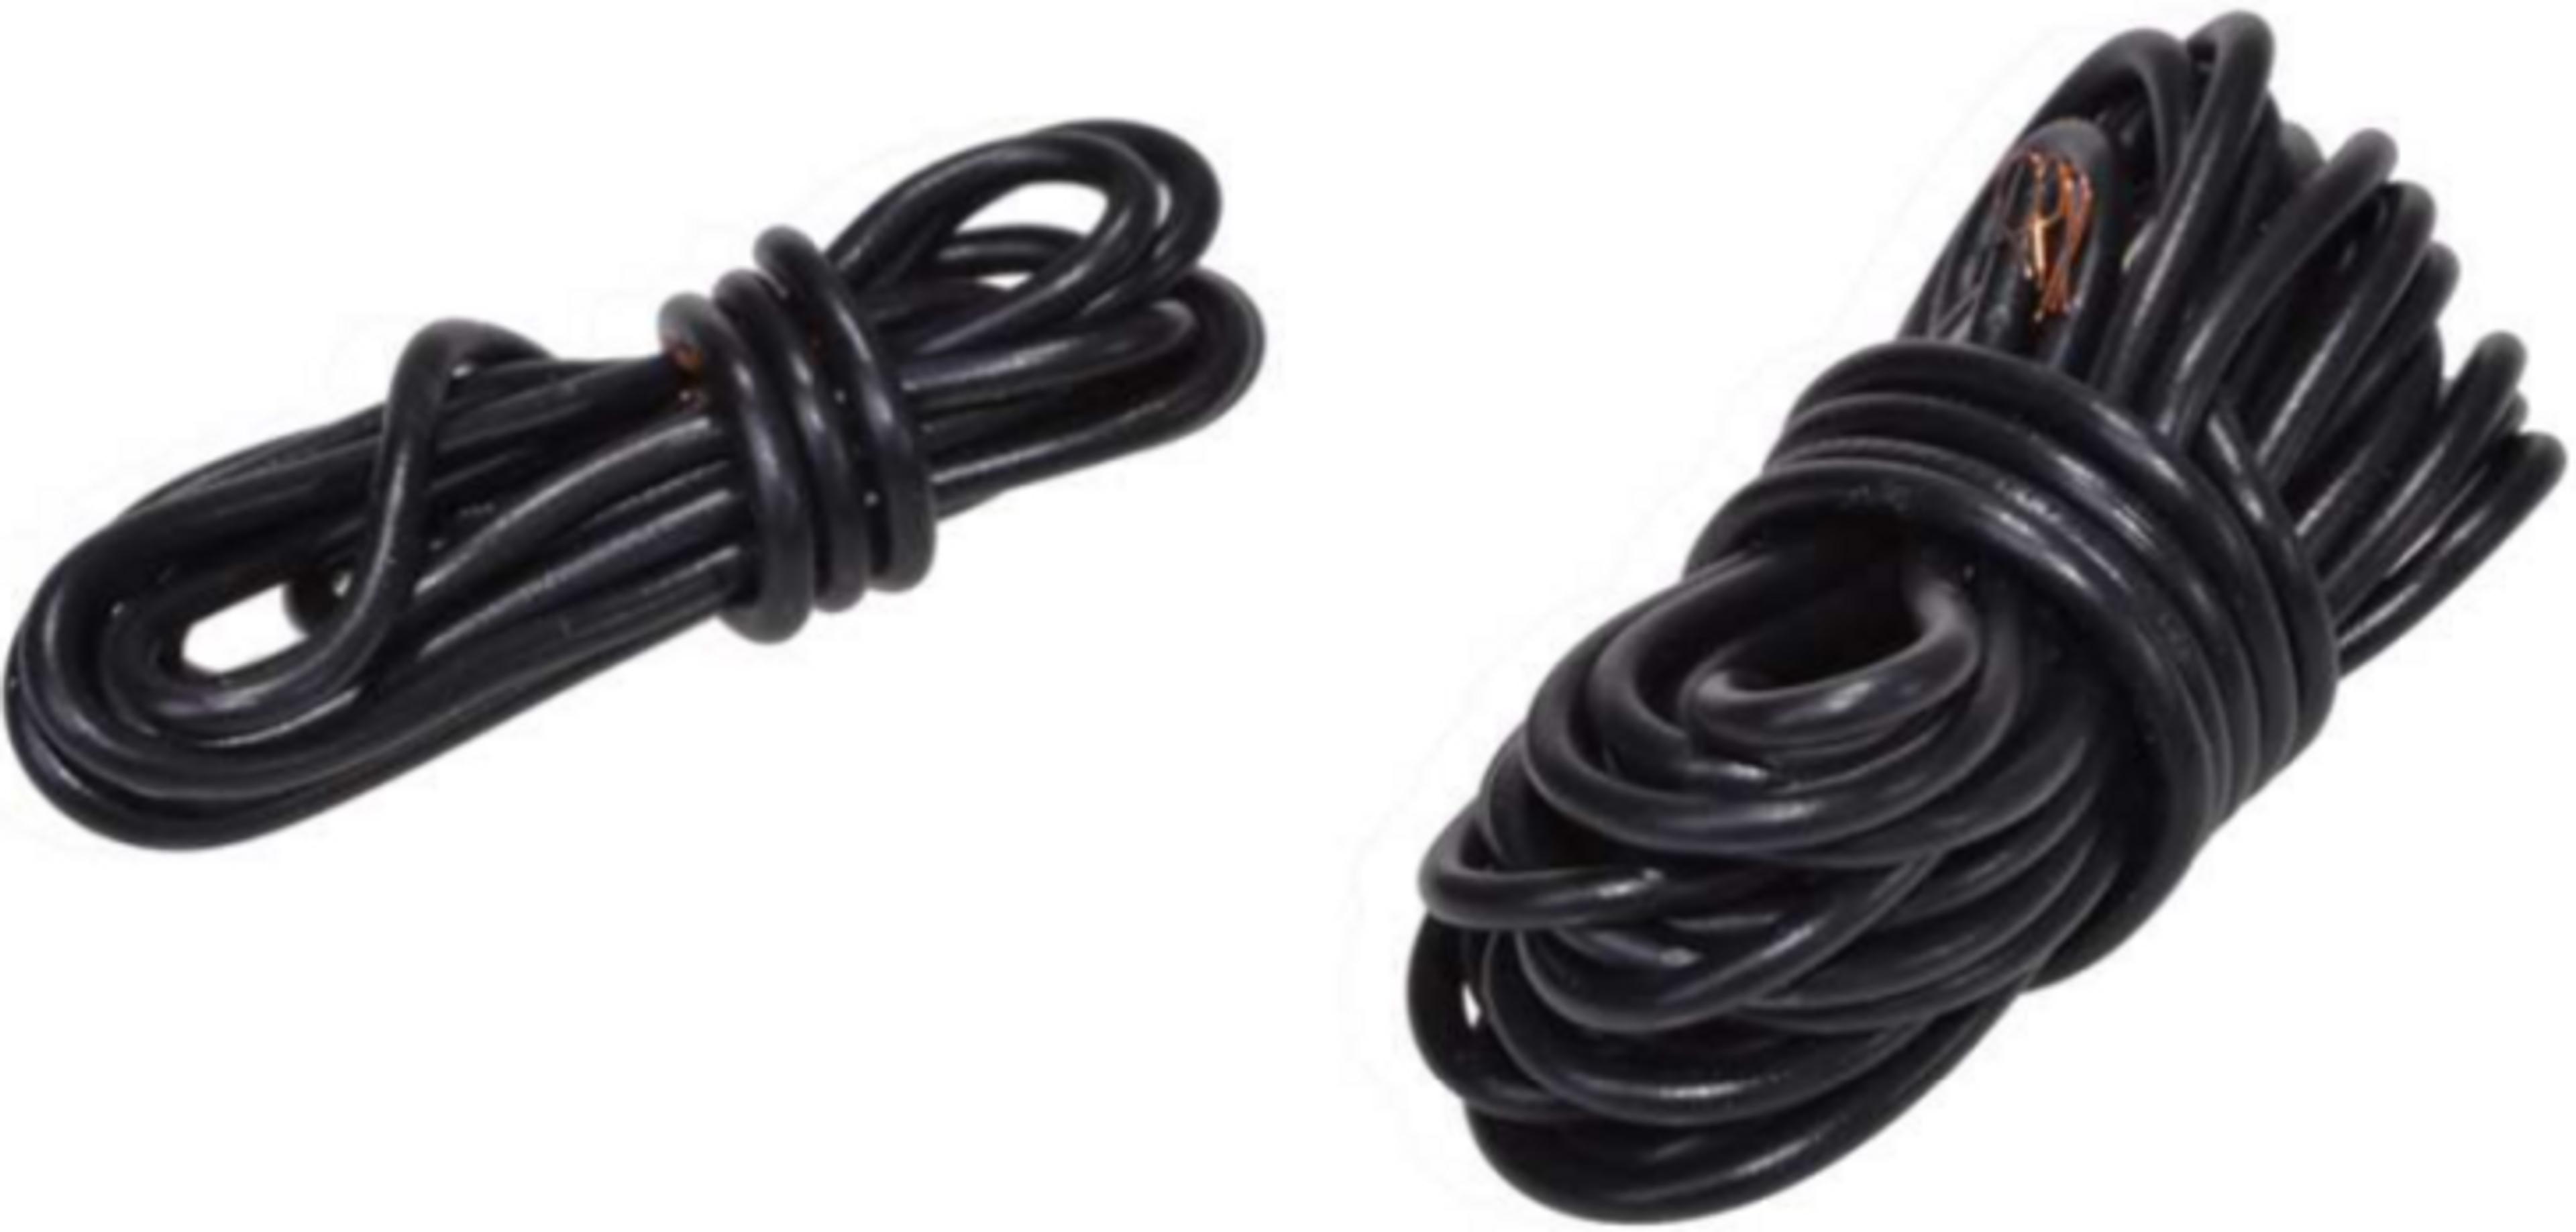 fahrrad beleuchtung draht leitung licht kabel set vorne. Black Bedroom Furniture Sets. Home Design Ideas